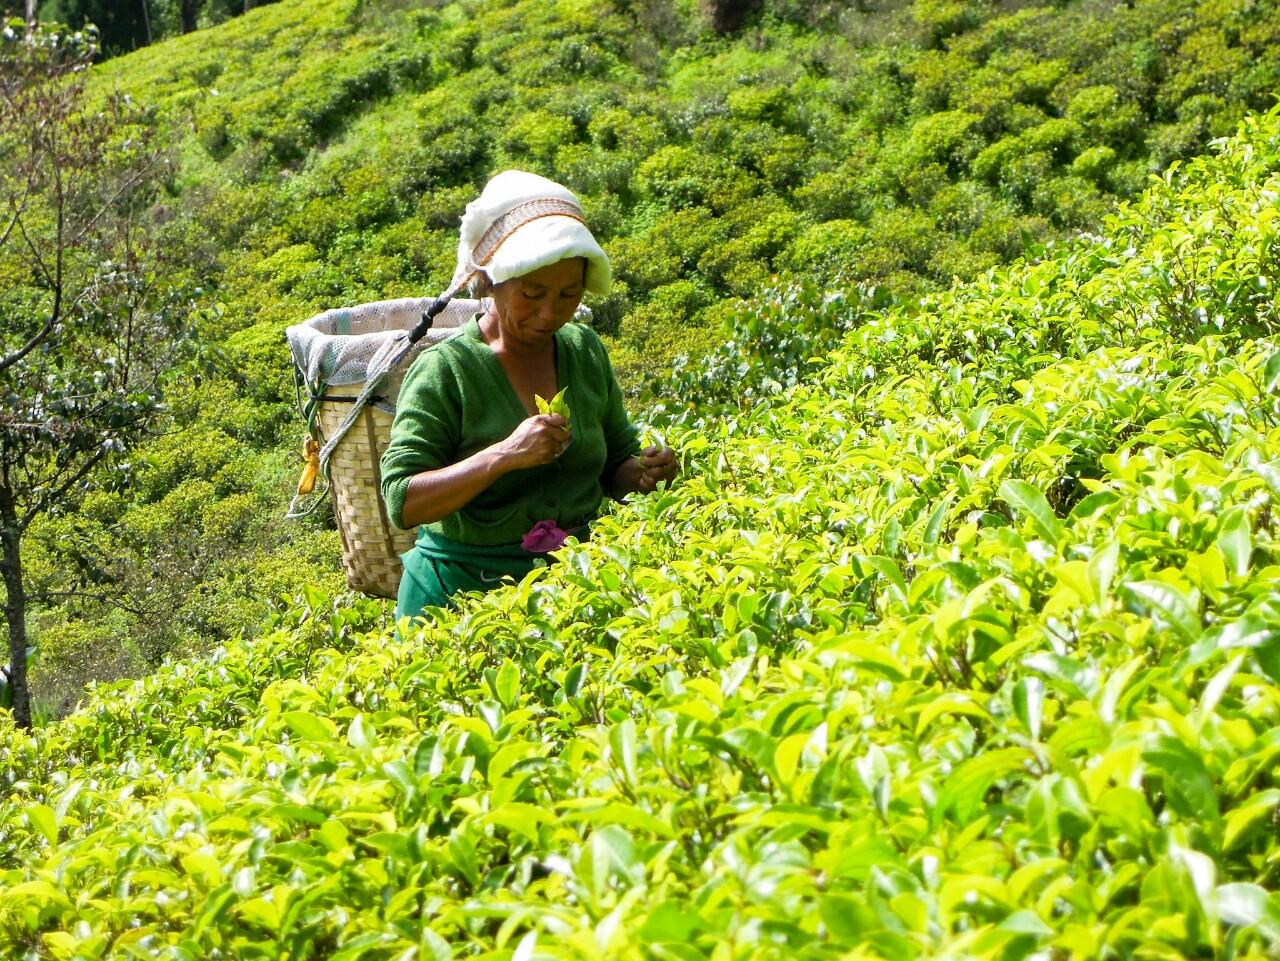 Happy Valley biodynamisch Teepflückerin (c) Reinhard Gessl organic17.org